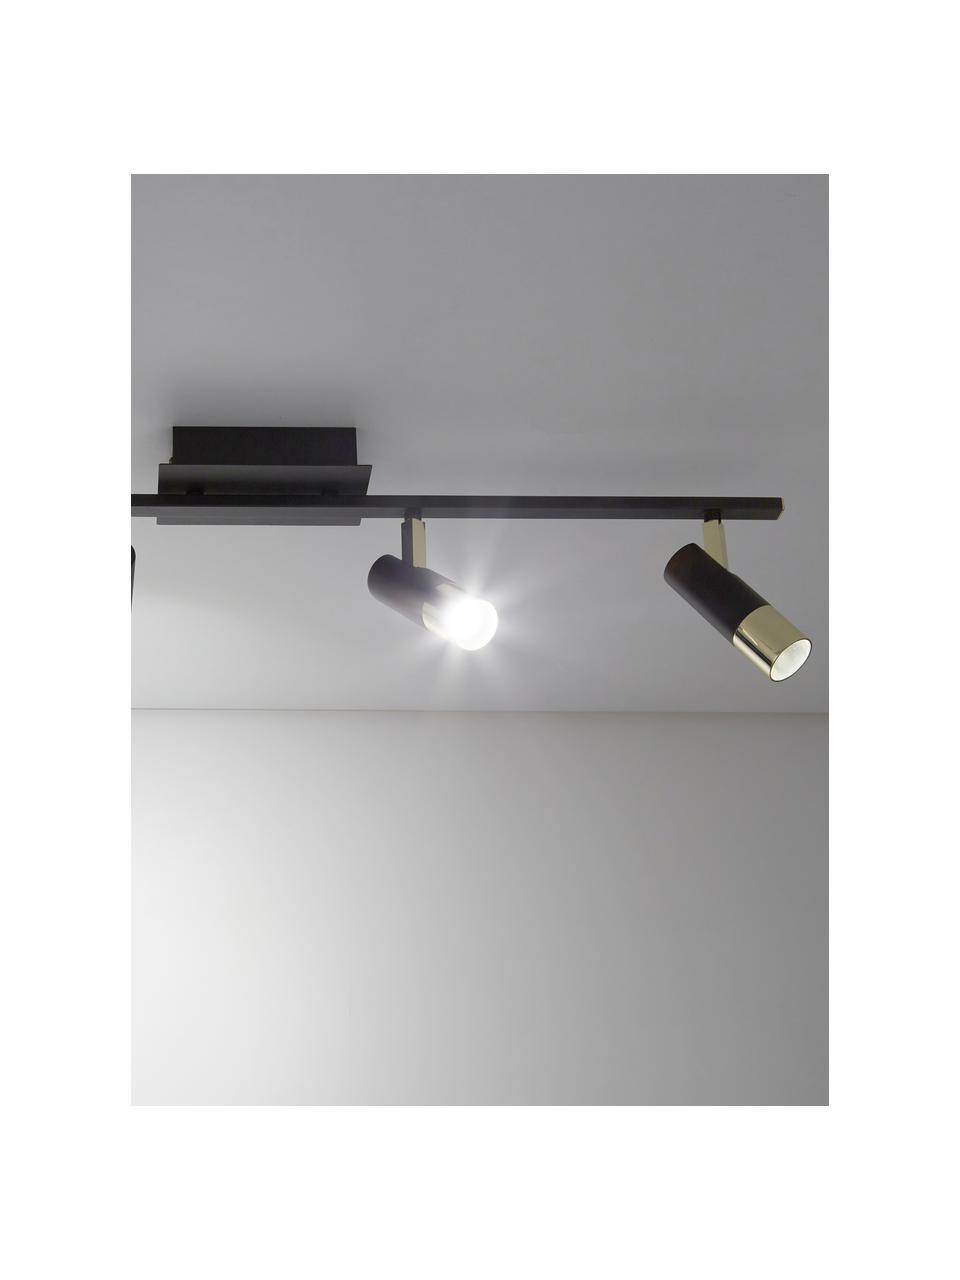 LED plafondspot Bobby in zwart-goudkleur, Baldakijn: gepoedercoat metaal, Zwart, goudkleurig, 78 x 18 cm